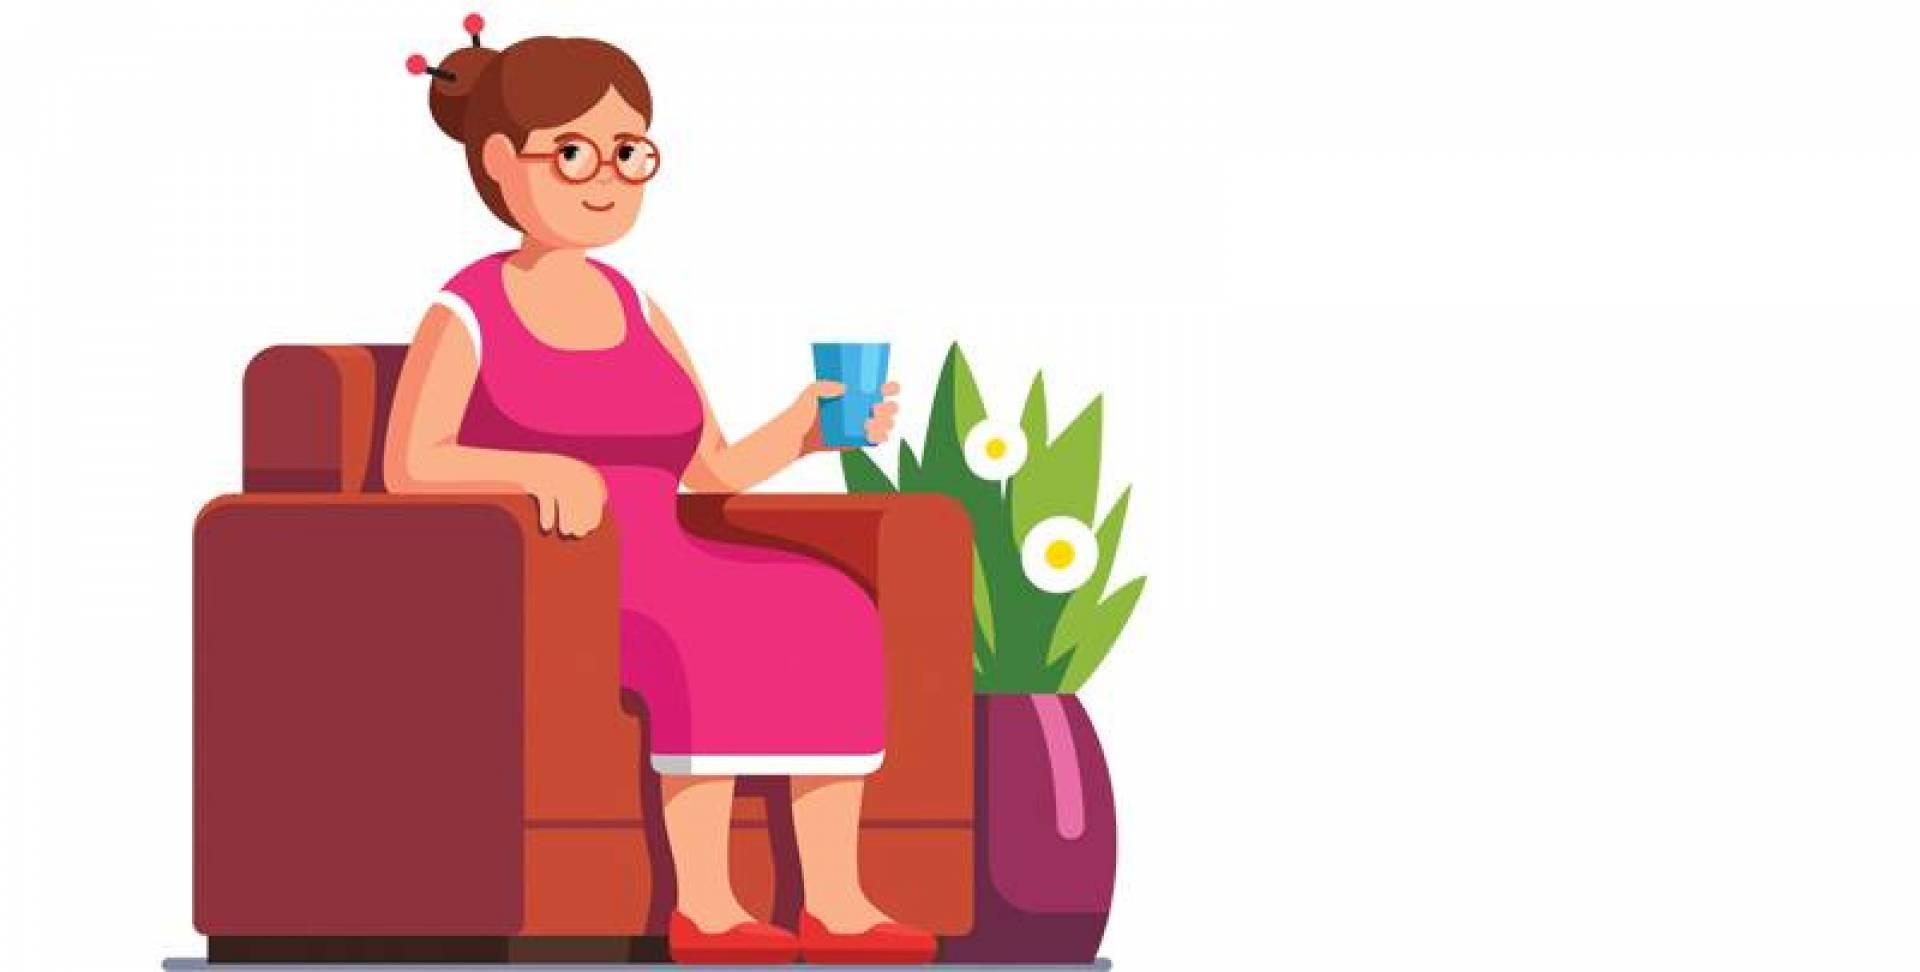 العطش المستمر.. أهم المشاكل التي تواجه كبار السن